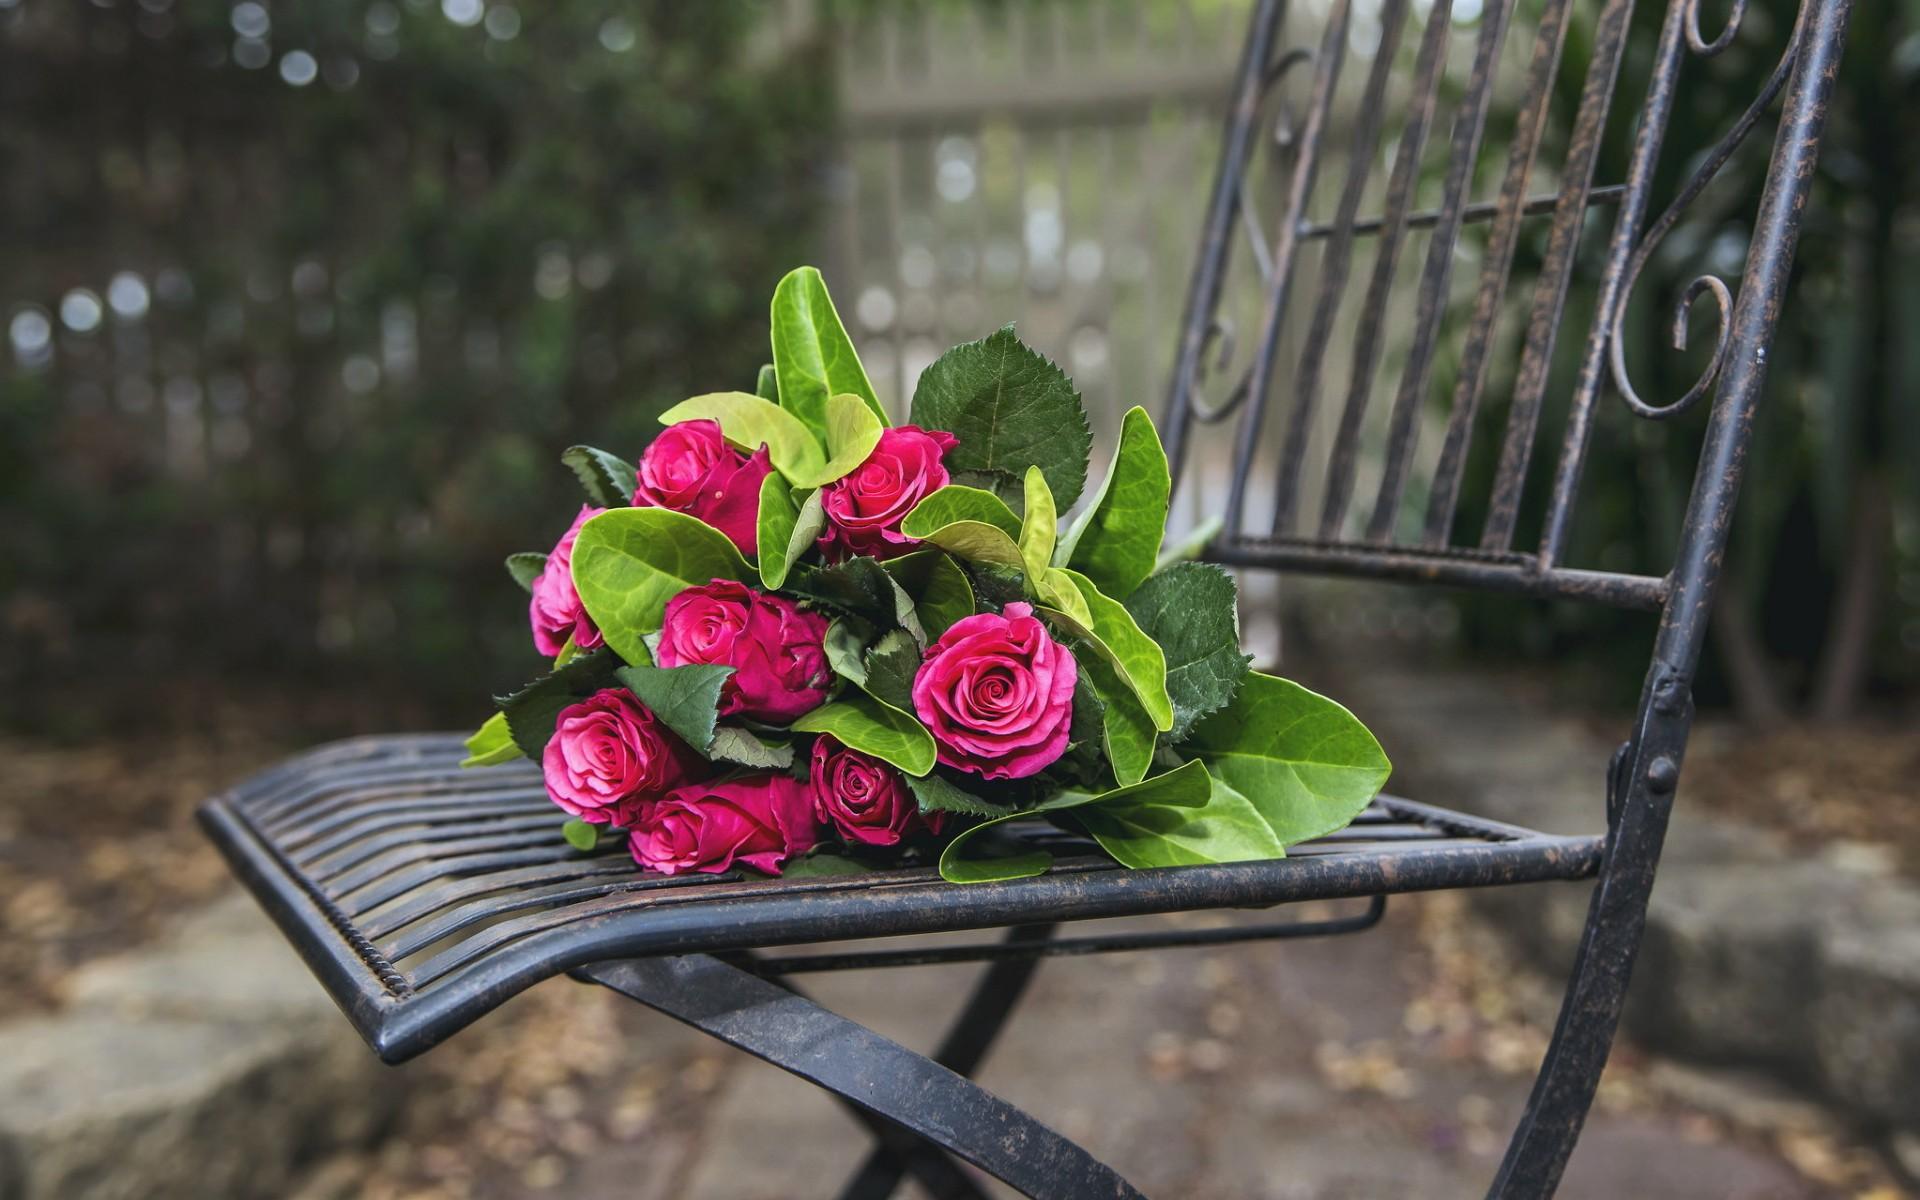 цветы на скамейке фото предполагает использование одного